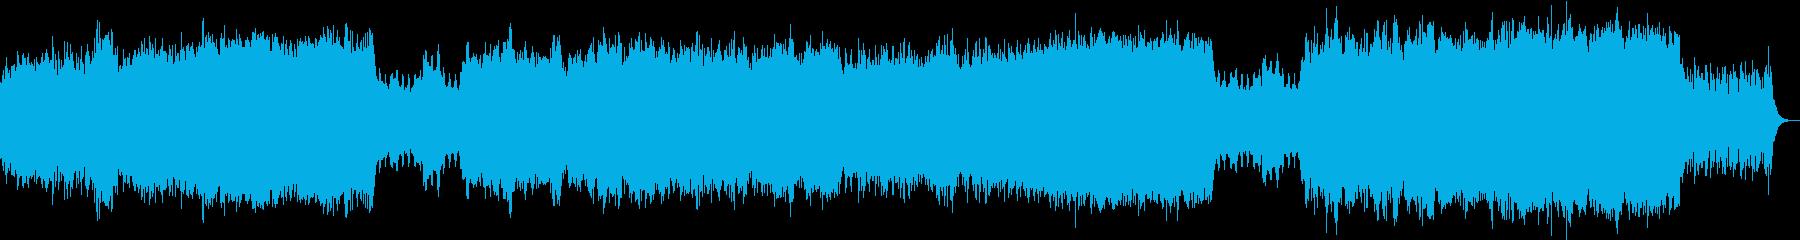 意外となかった?こだわりの本格和風音楽7の再生済みの波形